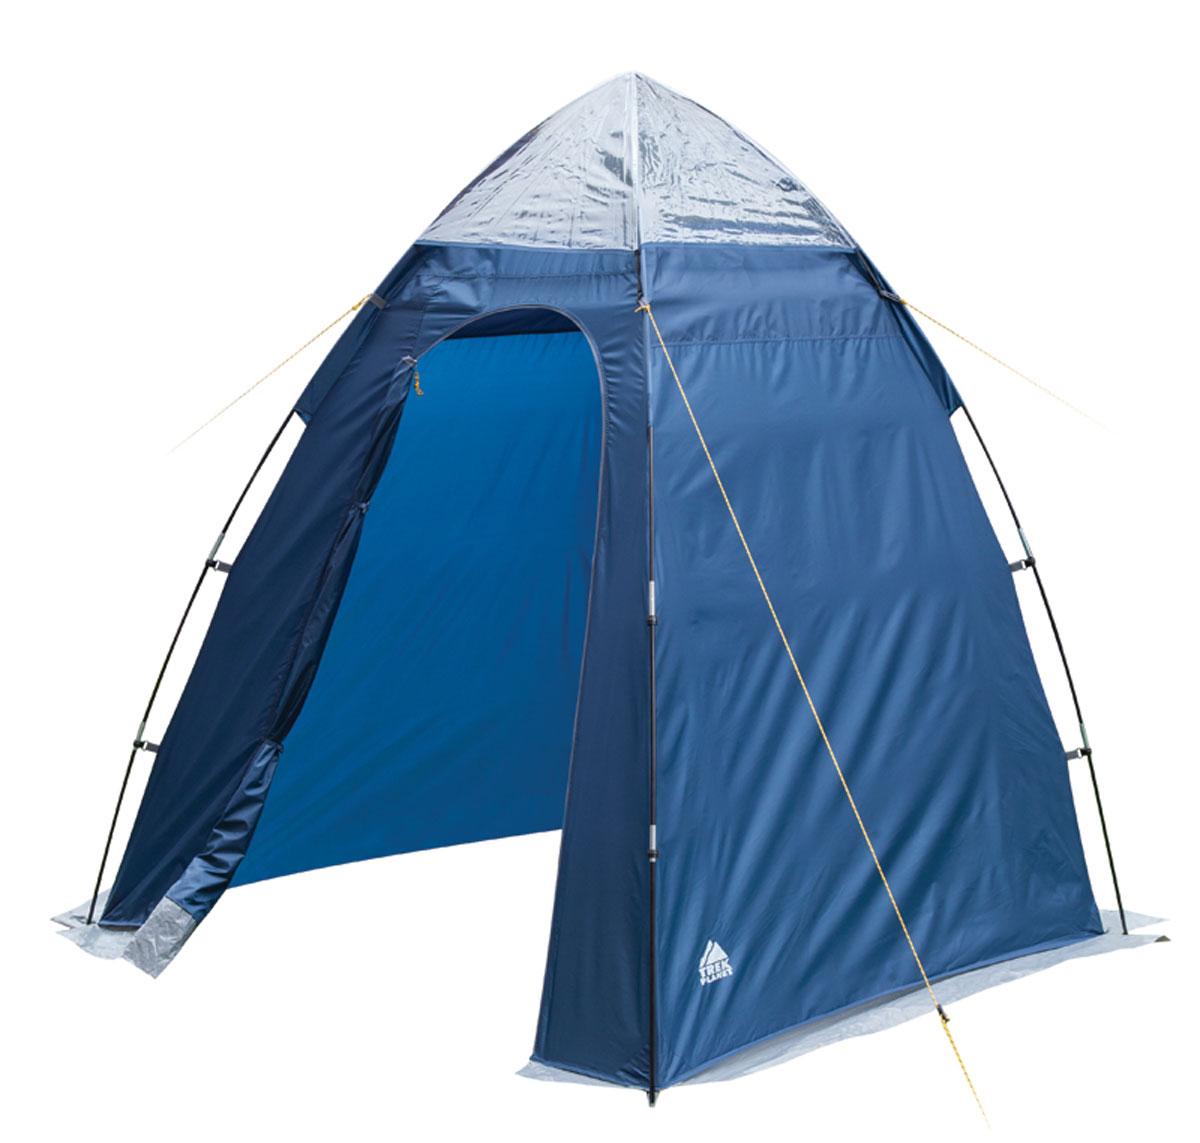 """Тент Trek Planet """"Aqua Tent"""" для душа/туалета, 165 см х 165 см х 200 см, цвет: синий, голубой"""